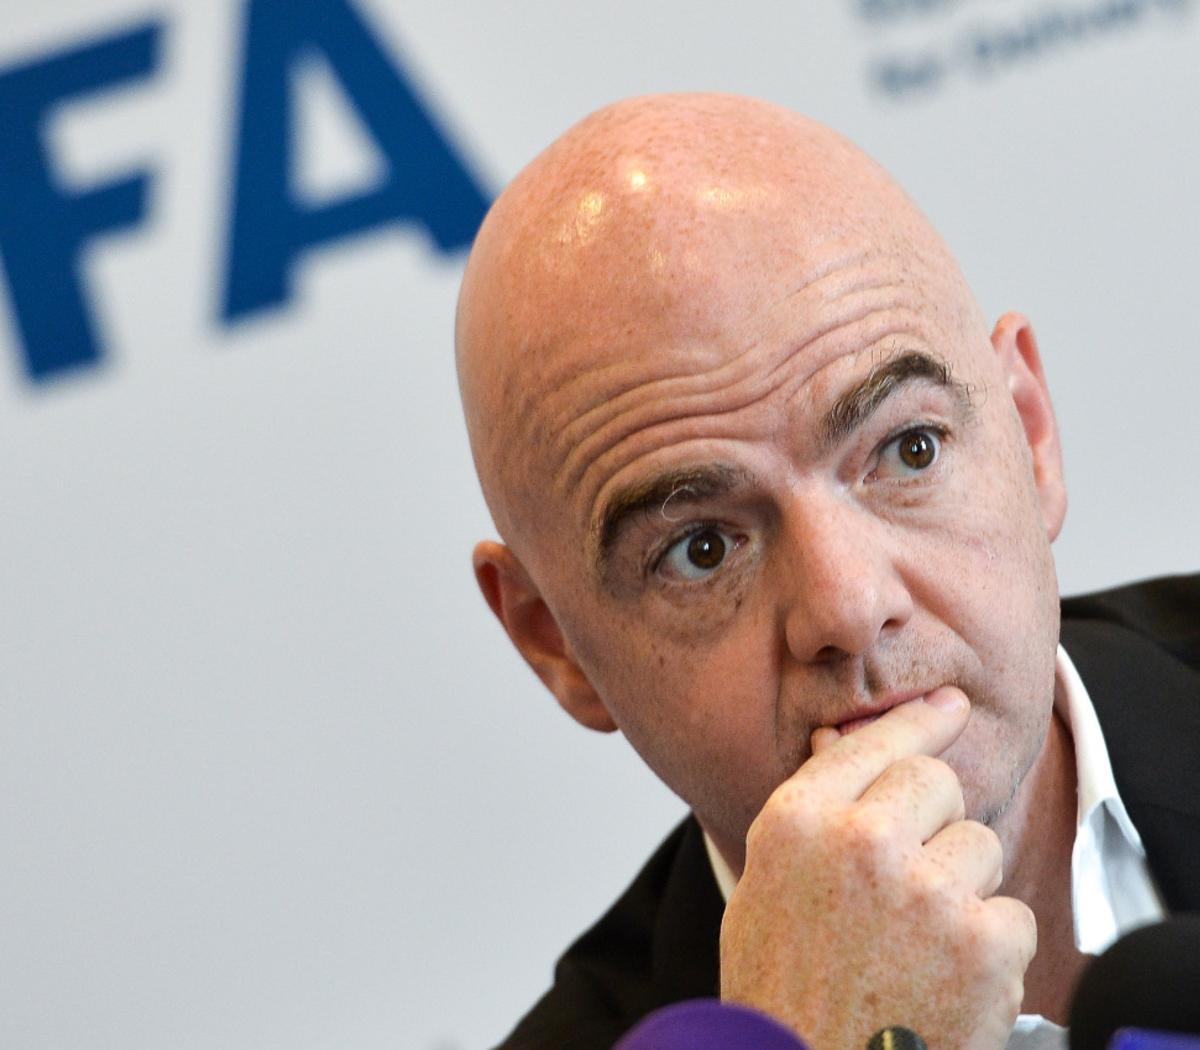 La FIFA no reconocerá a la Superliga Europea e inha... | Página12